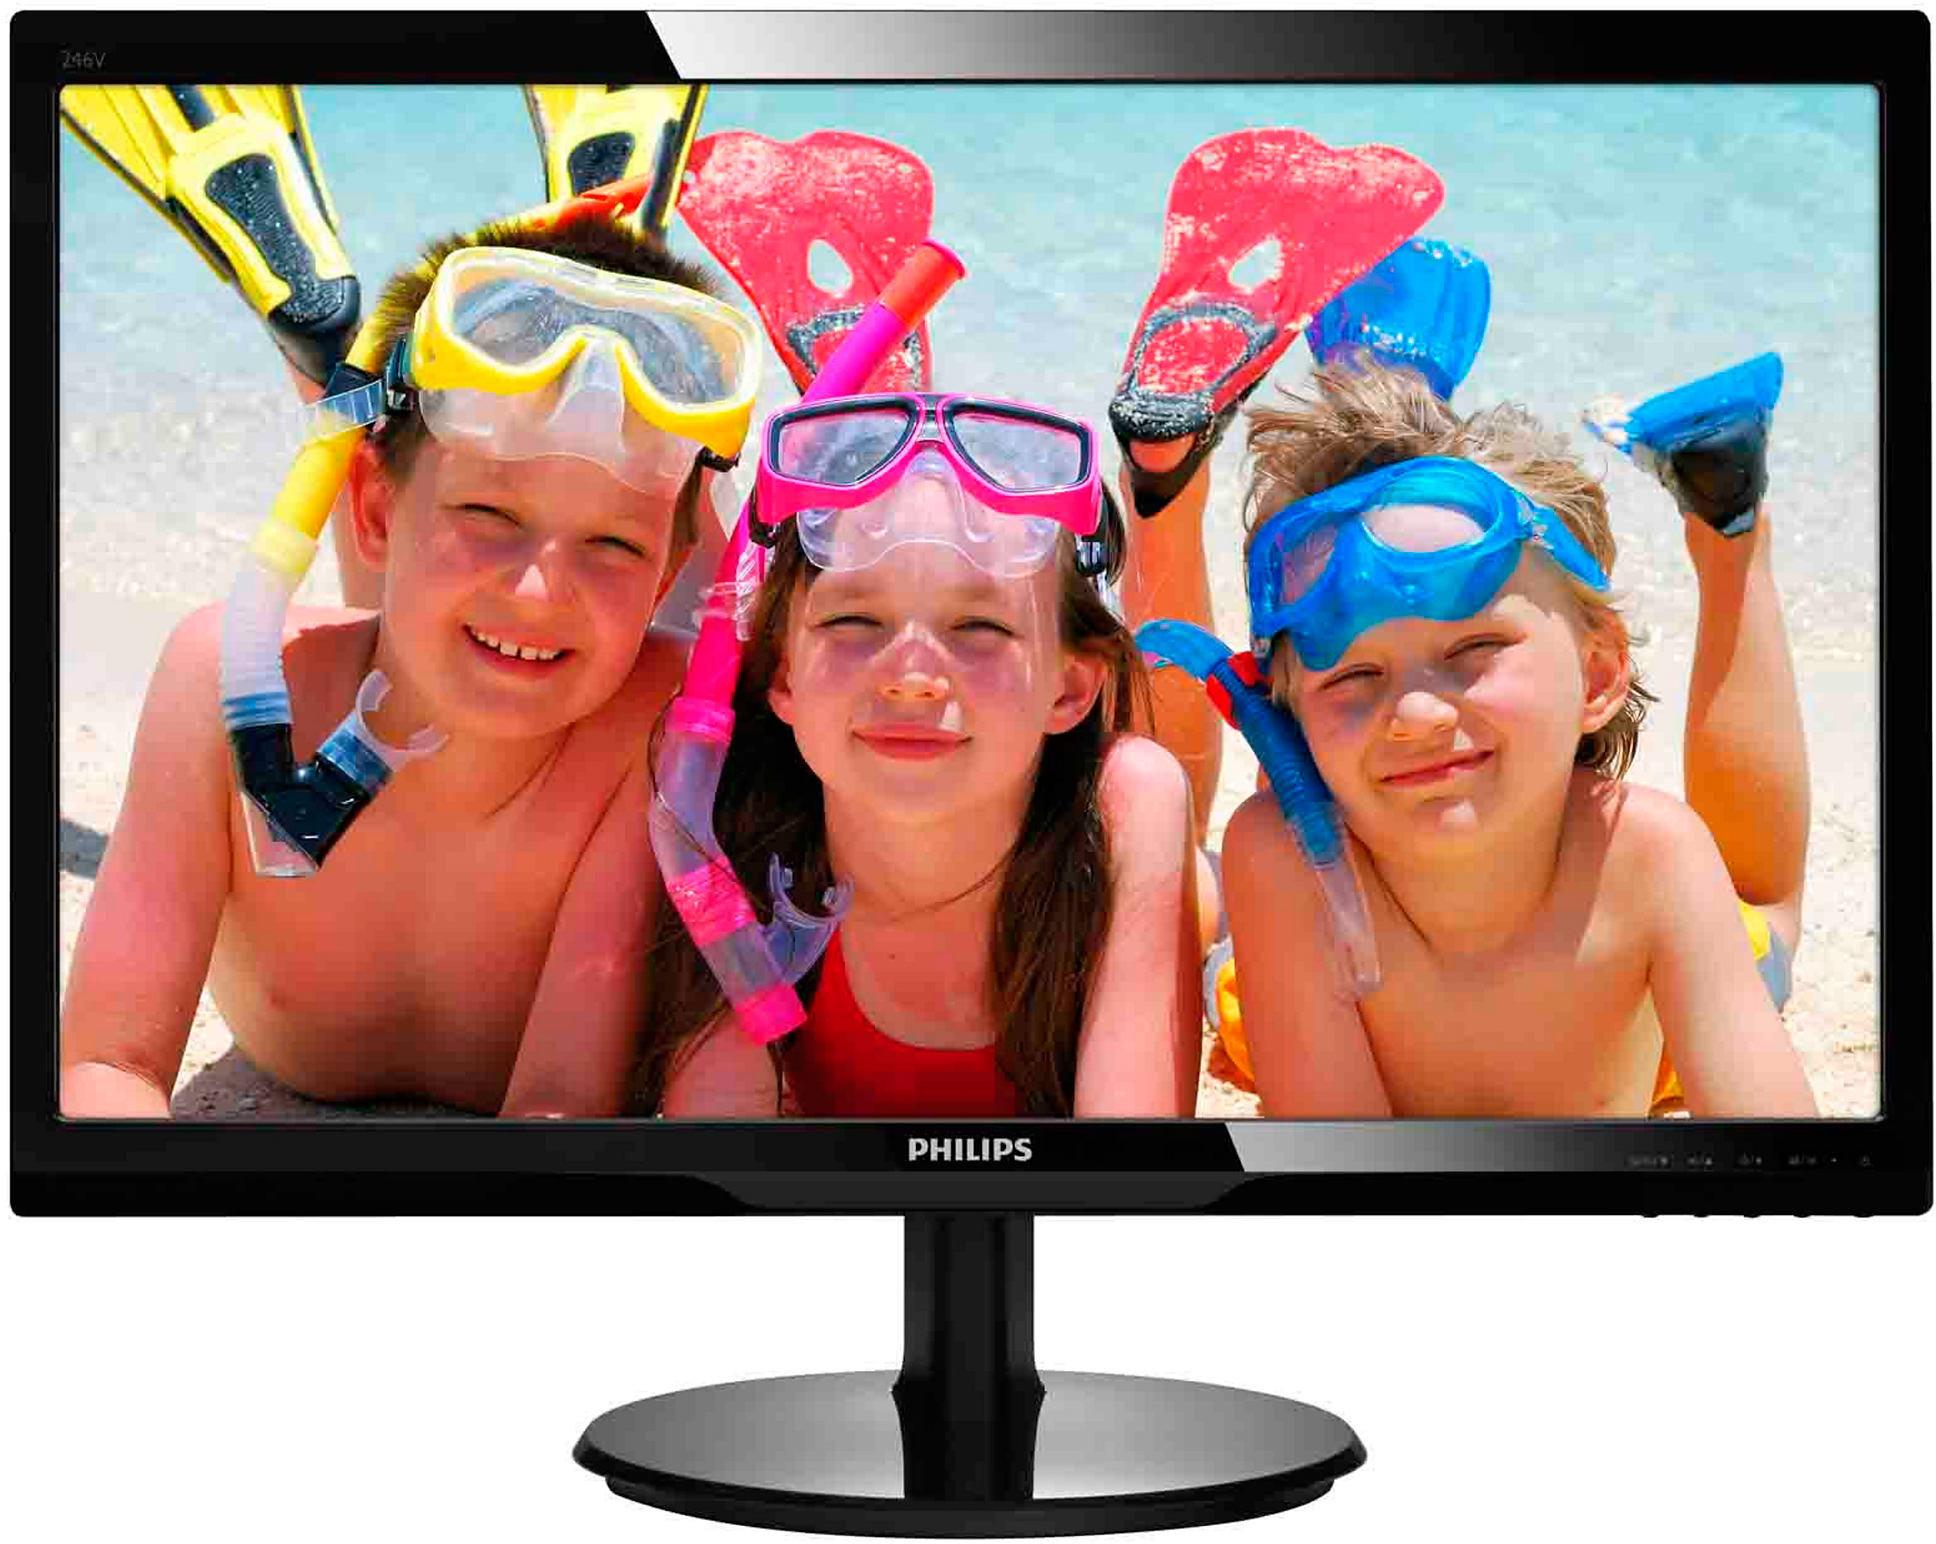 """Philips MT LED 24"""" 246V5LHAB/00 - 1920x1080, 10mil:1, 250cd/m, 5ms, D-Sub, HDMI, repro 246V5LHAB/00"""